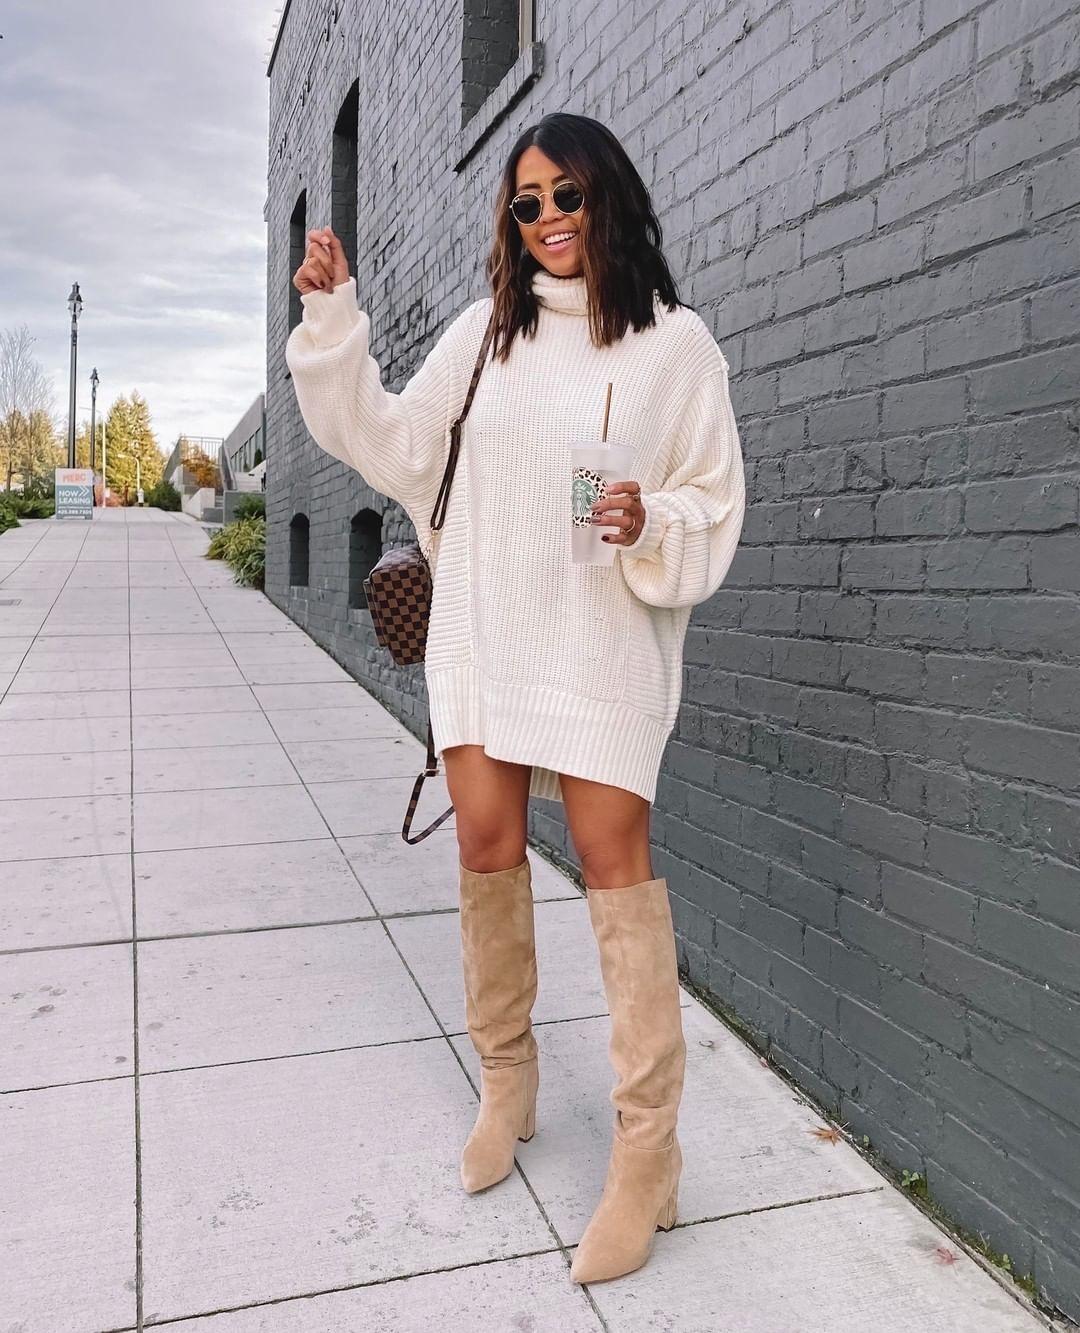 Осенняя обувь: 7 комфортных моделей на каждый день. Ботфорты